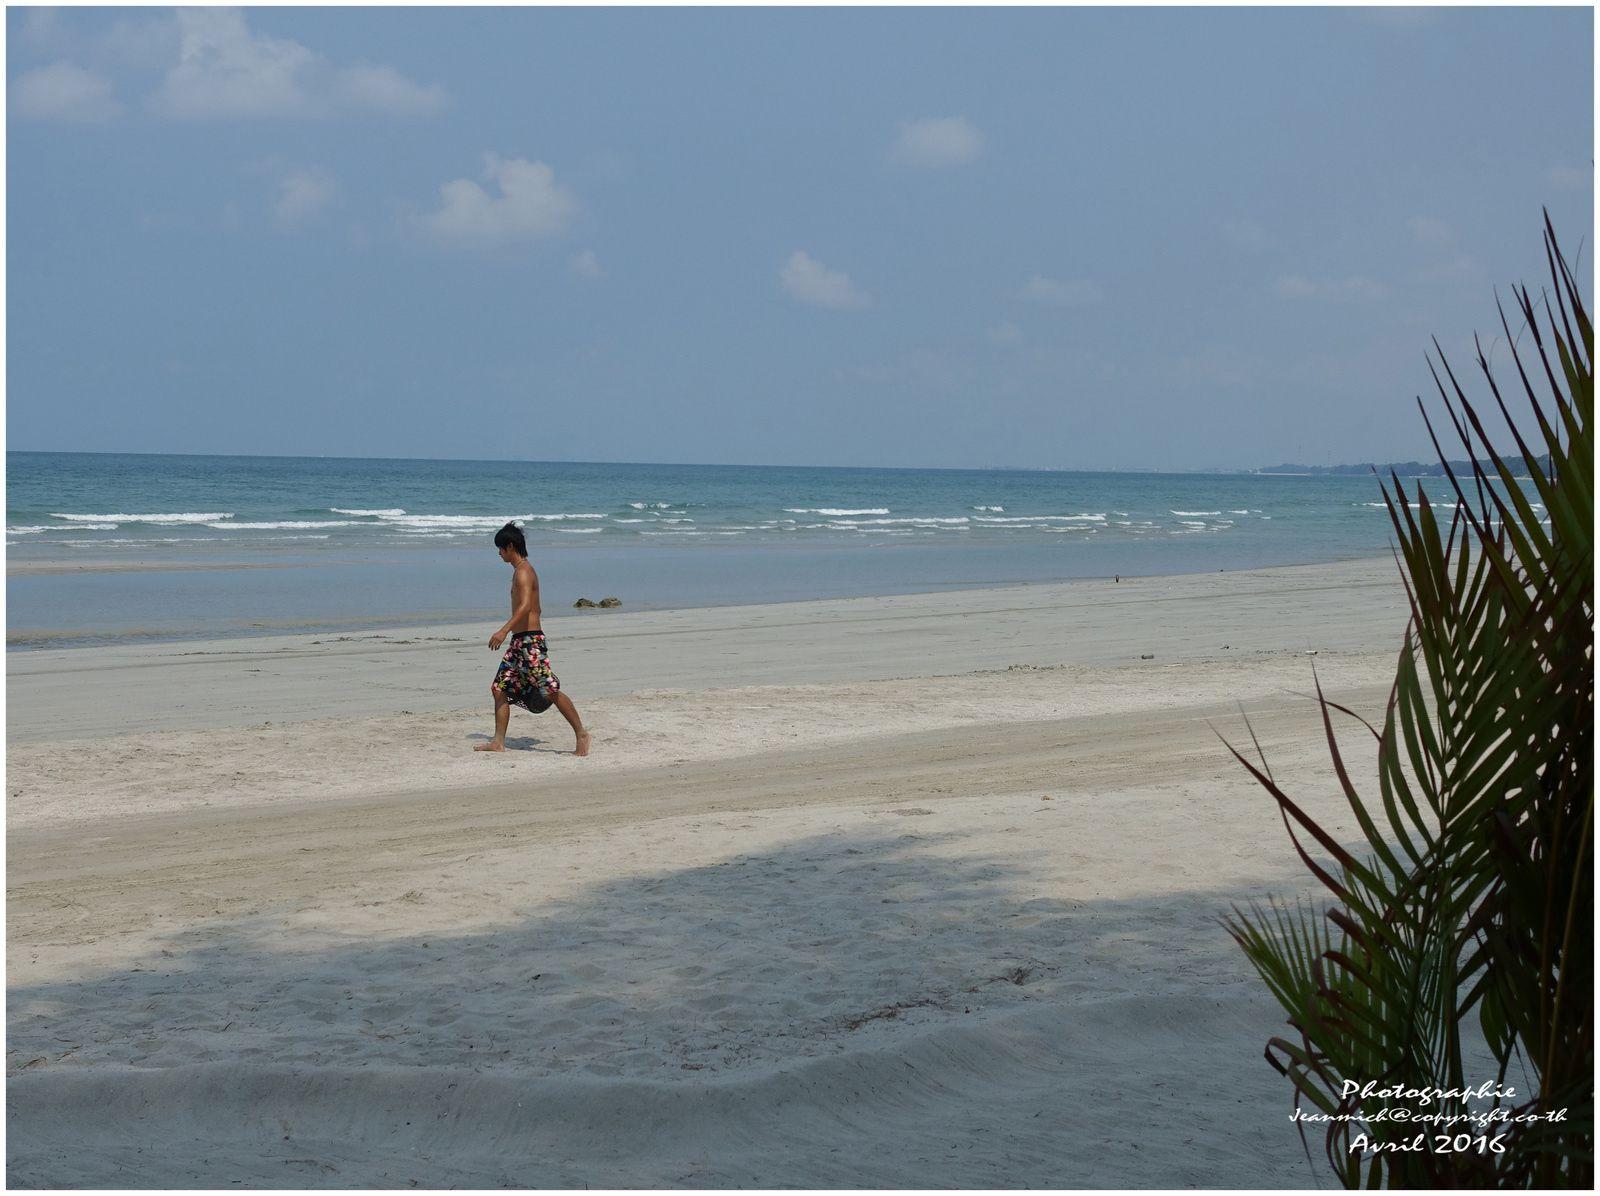 Pratiquement personne sur cette longue plage.